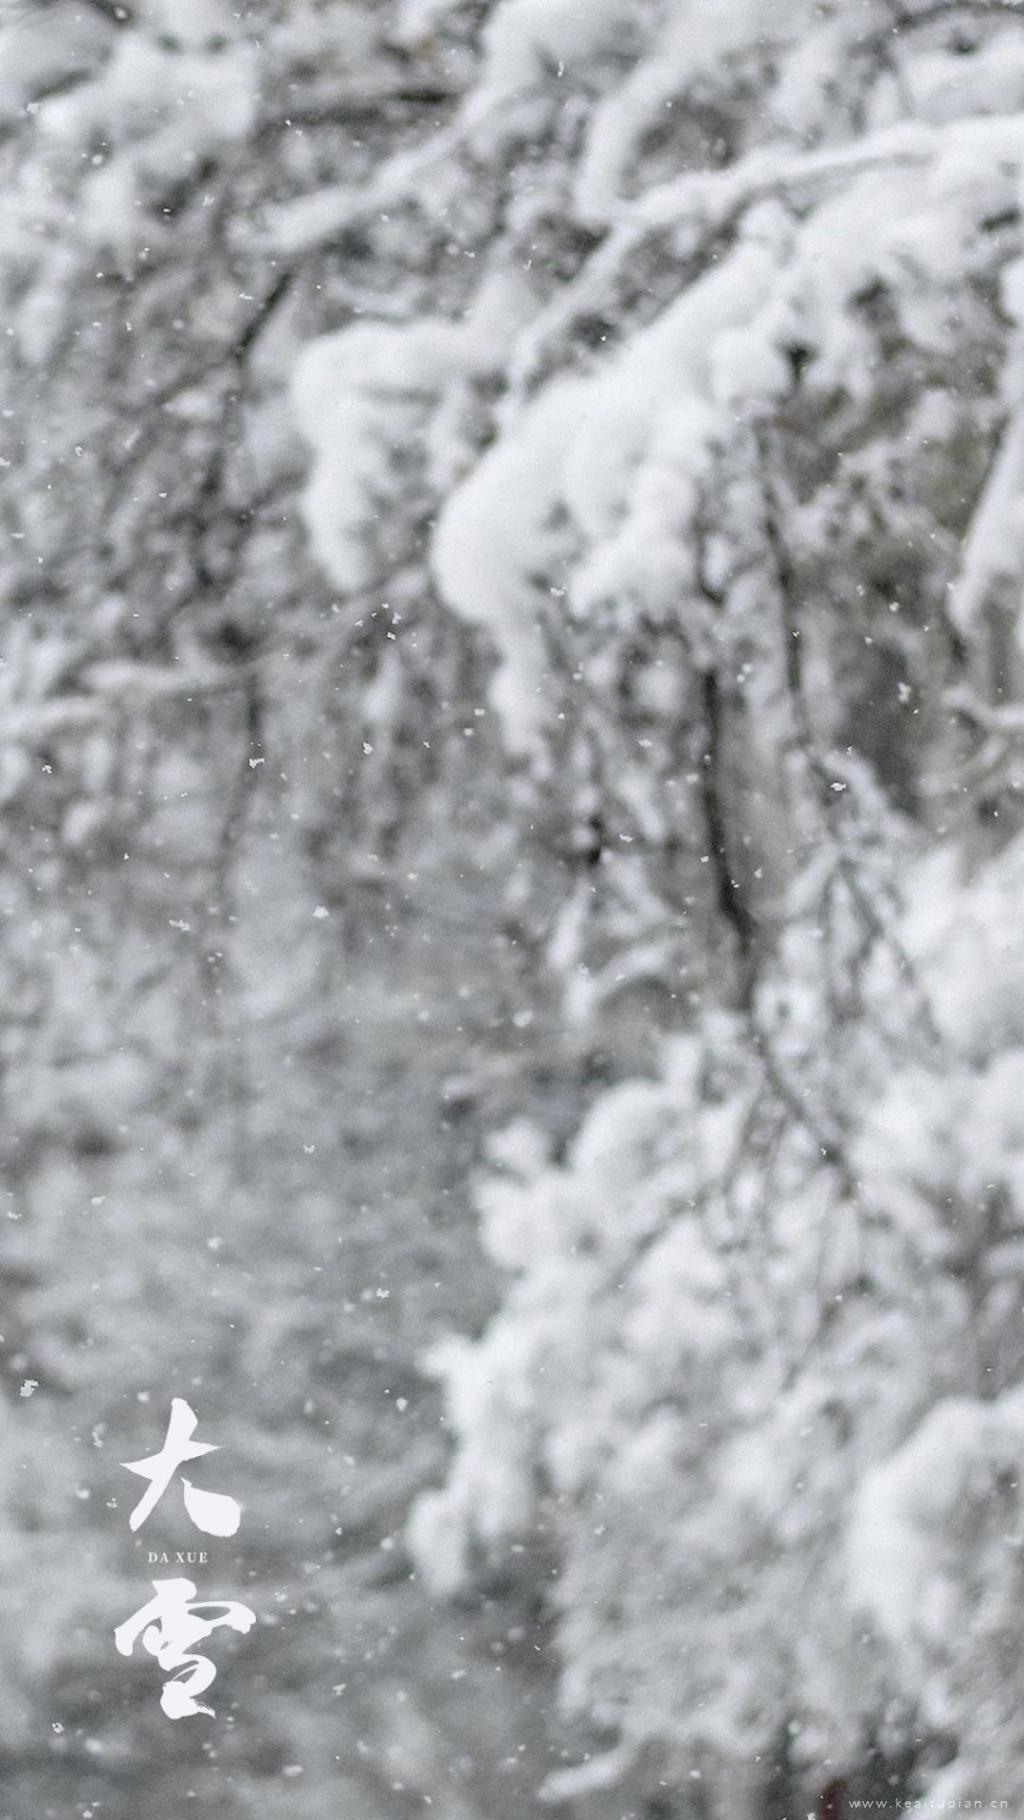 最后一个月里,雪花会来见你·唯美大雪风景图